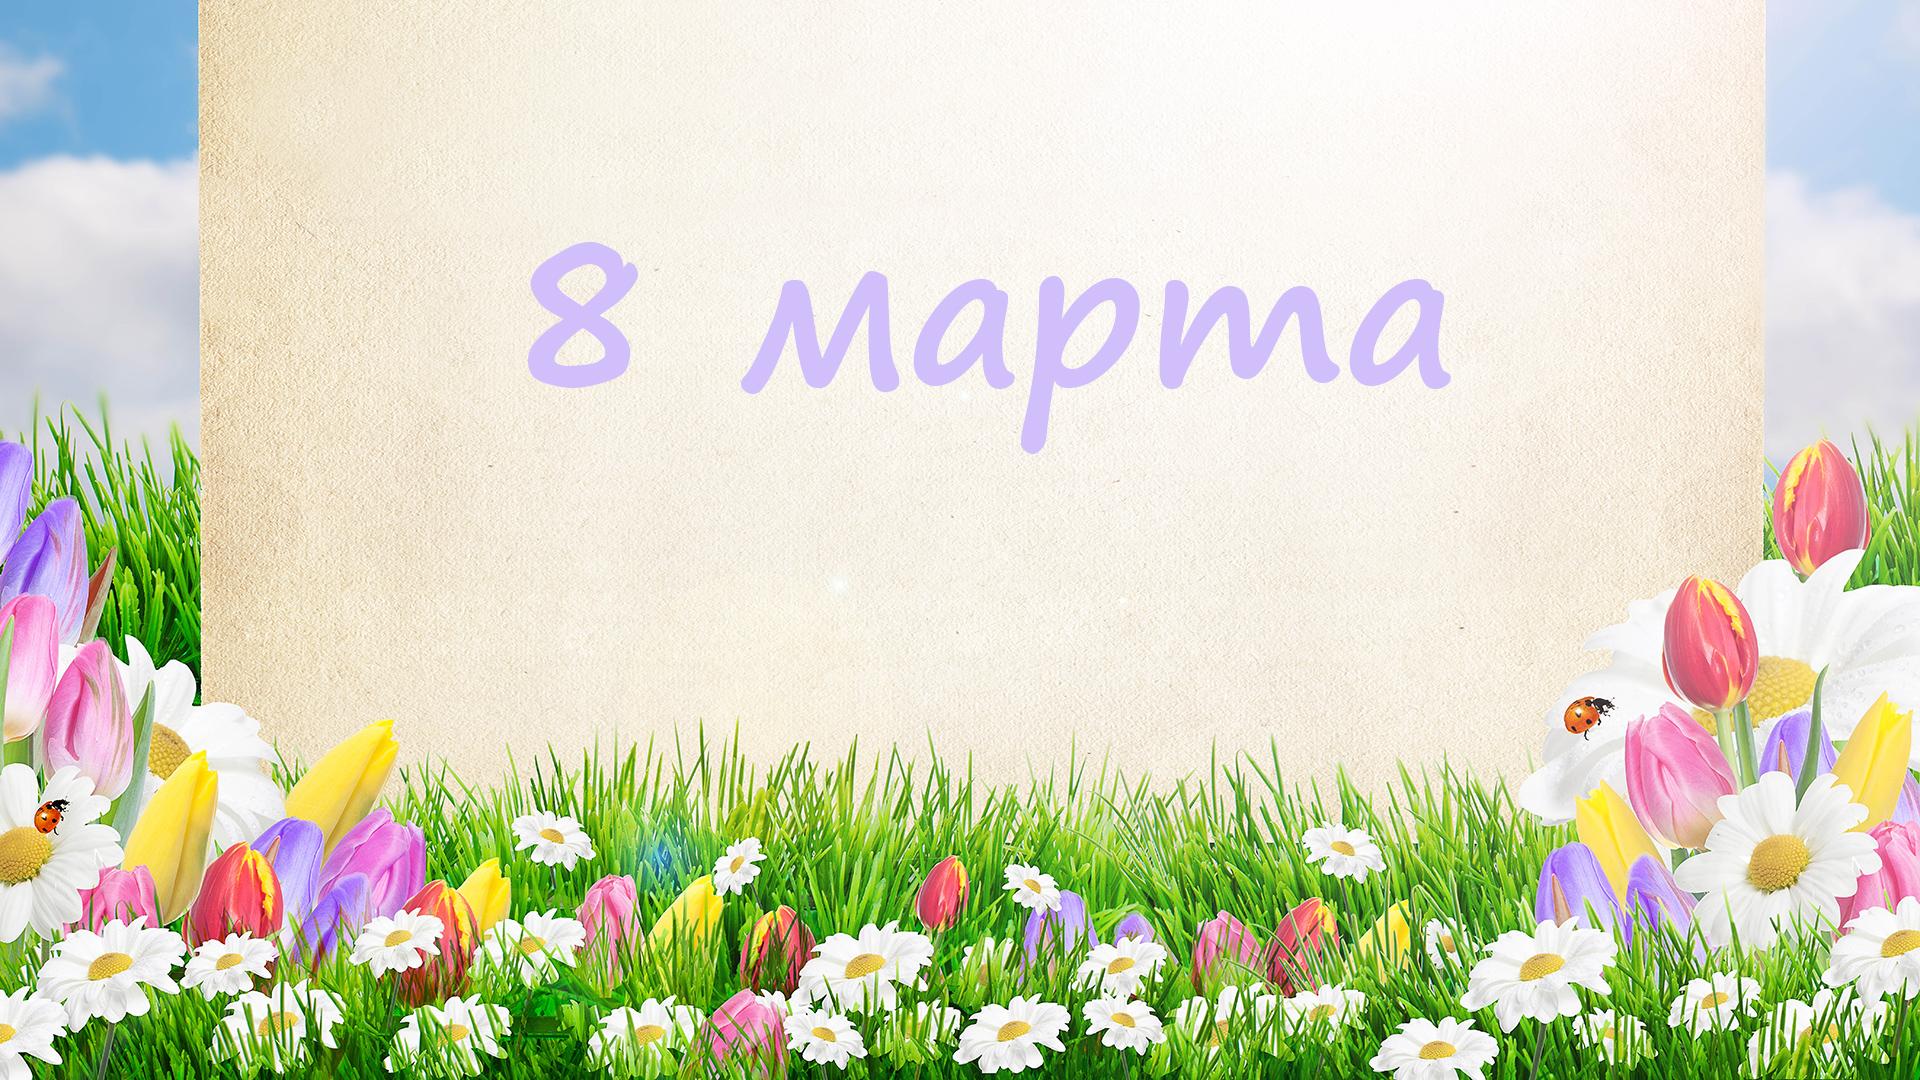 Картинки на 8 марта высокое разрешение